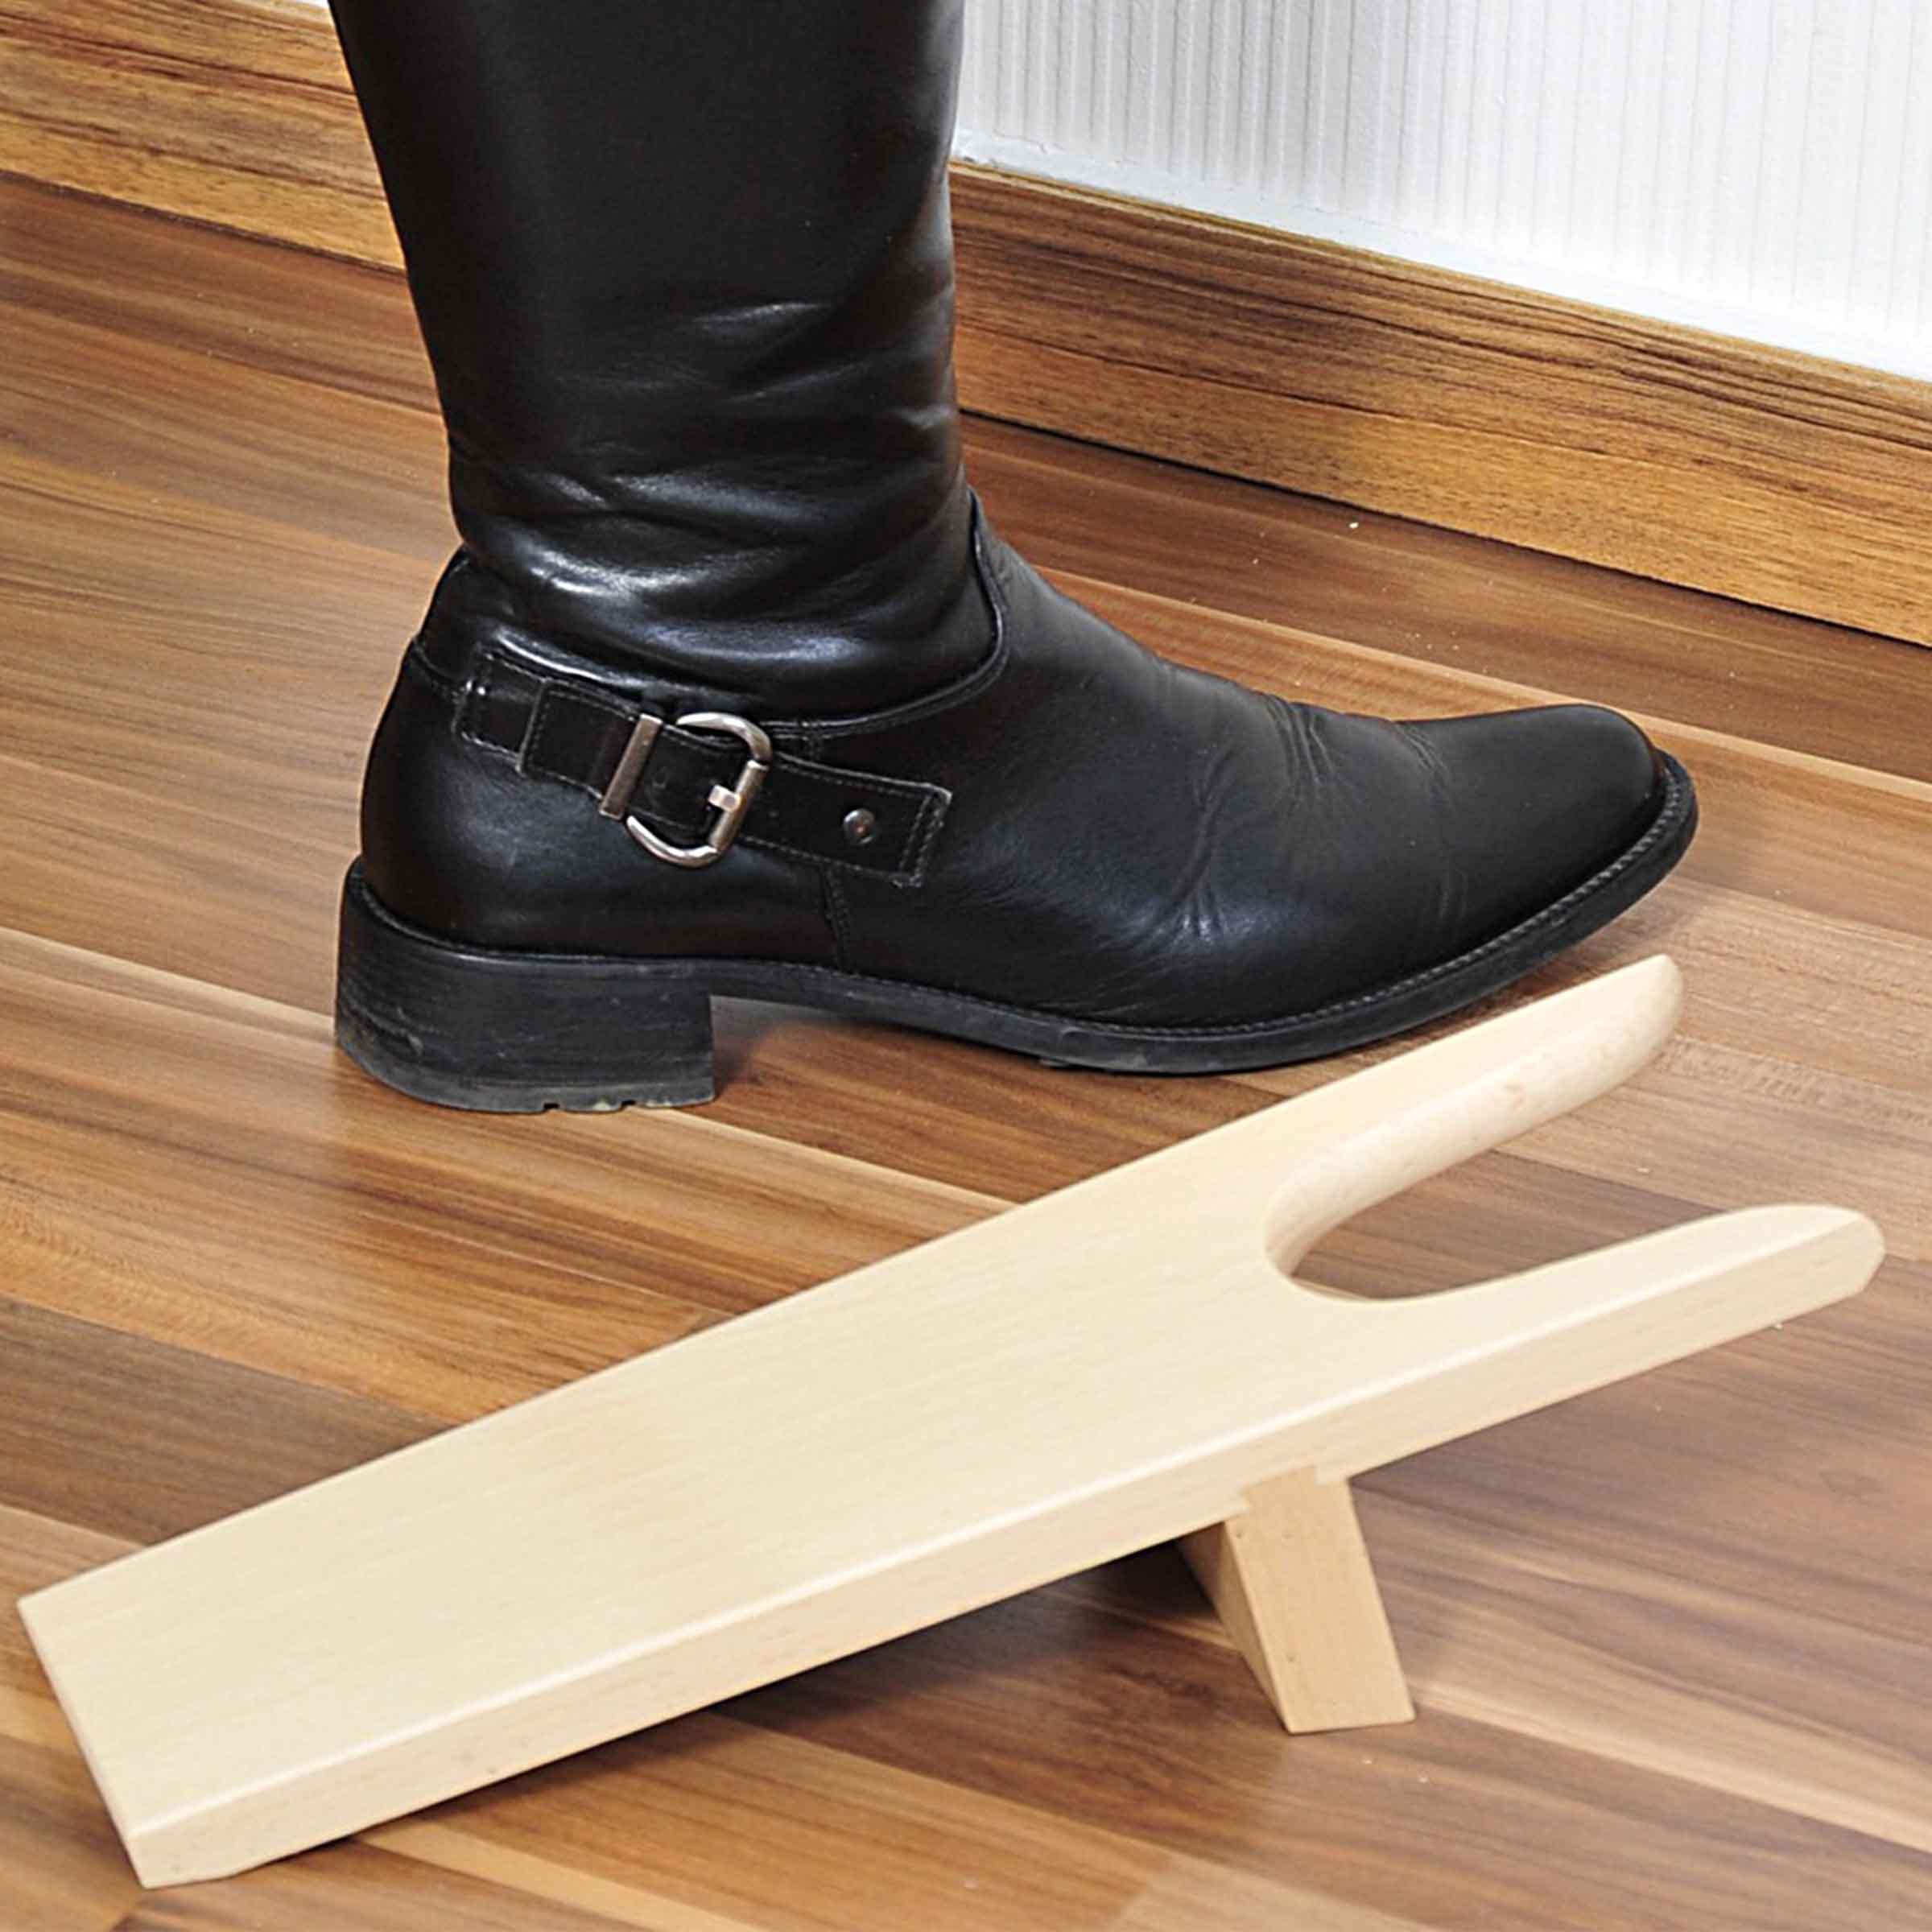 Tir-bottes en bois clair pour entrée